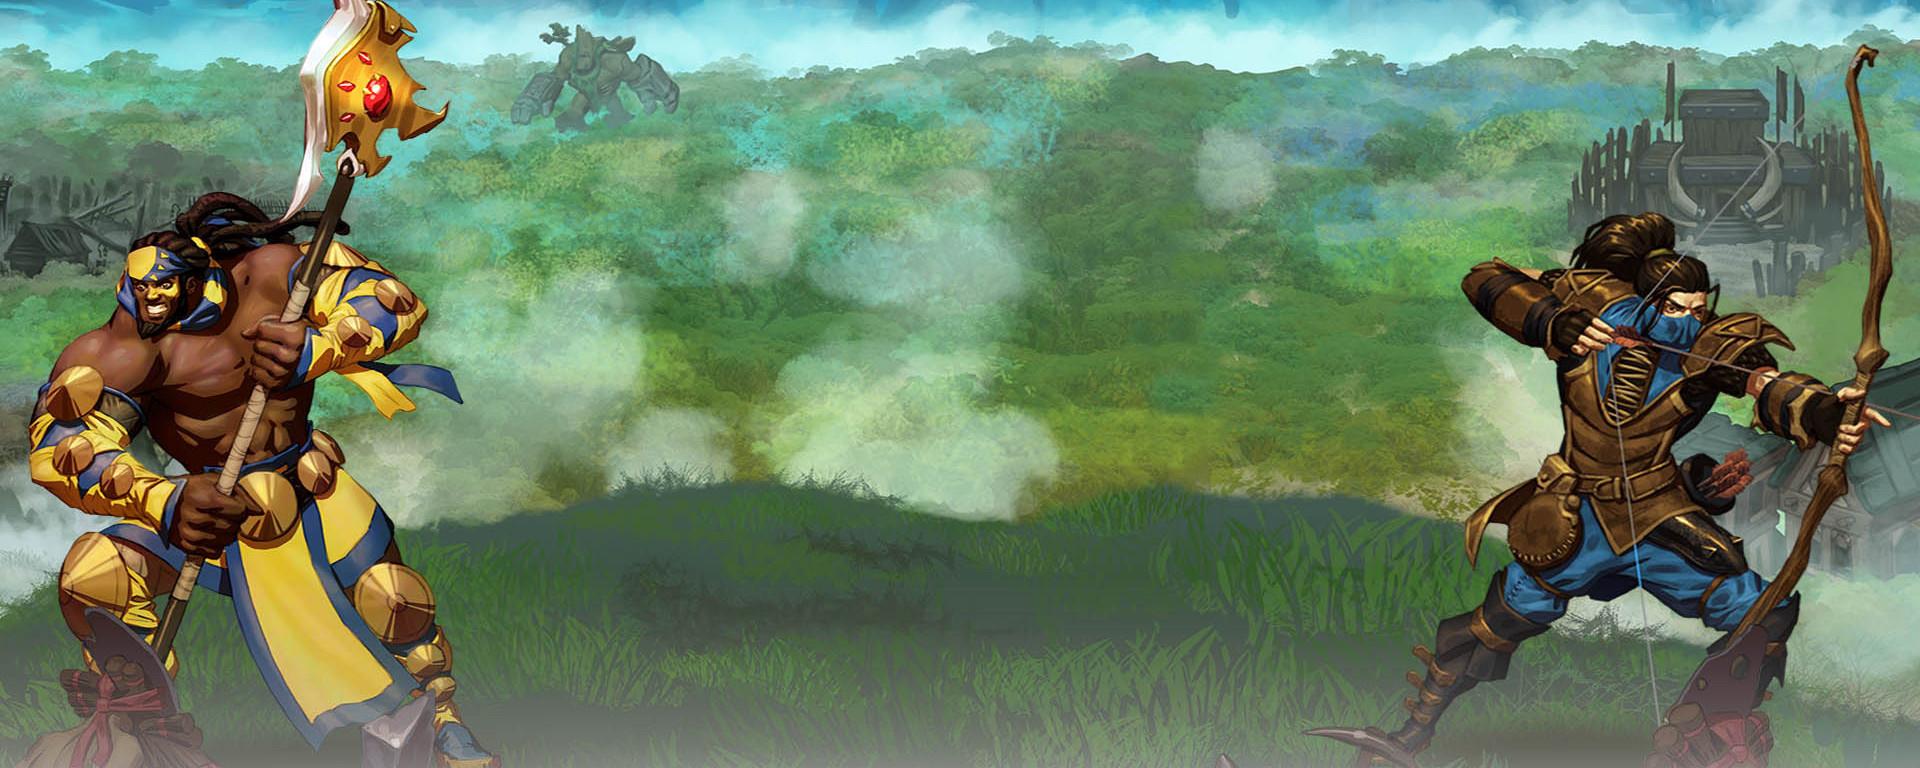 Sacred_Citadel_background_06